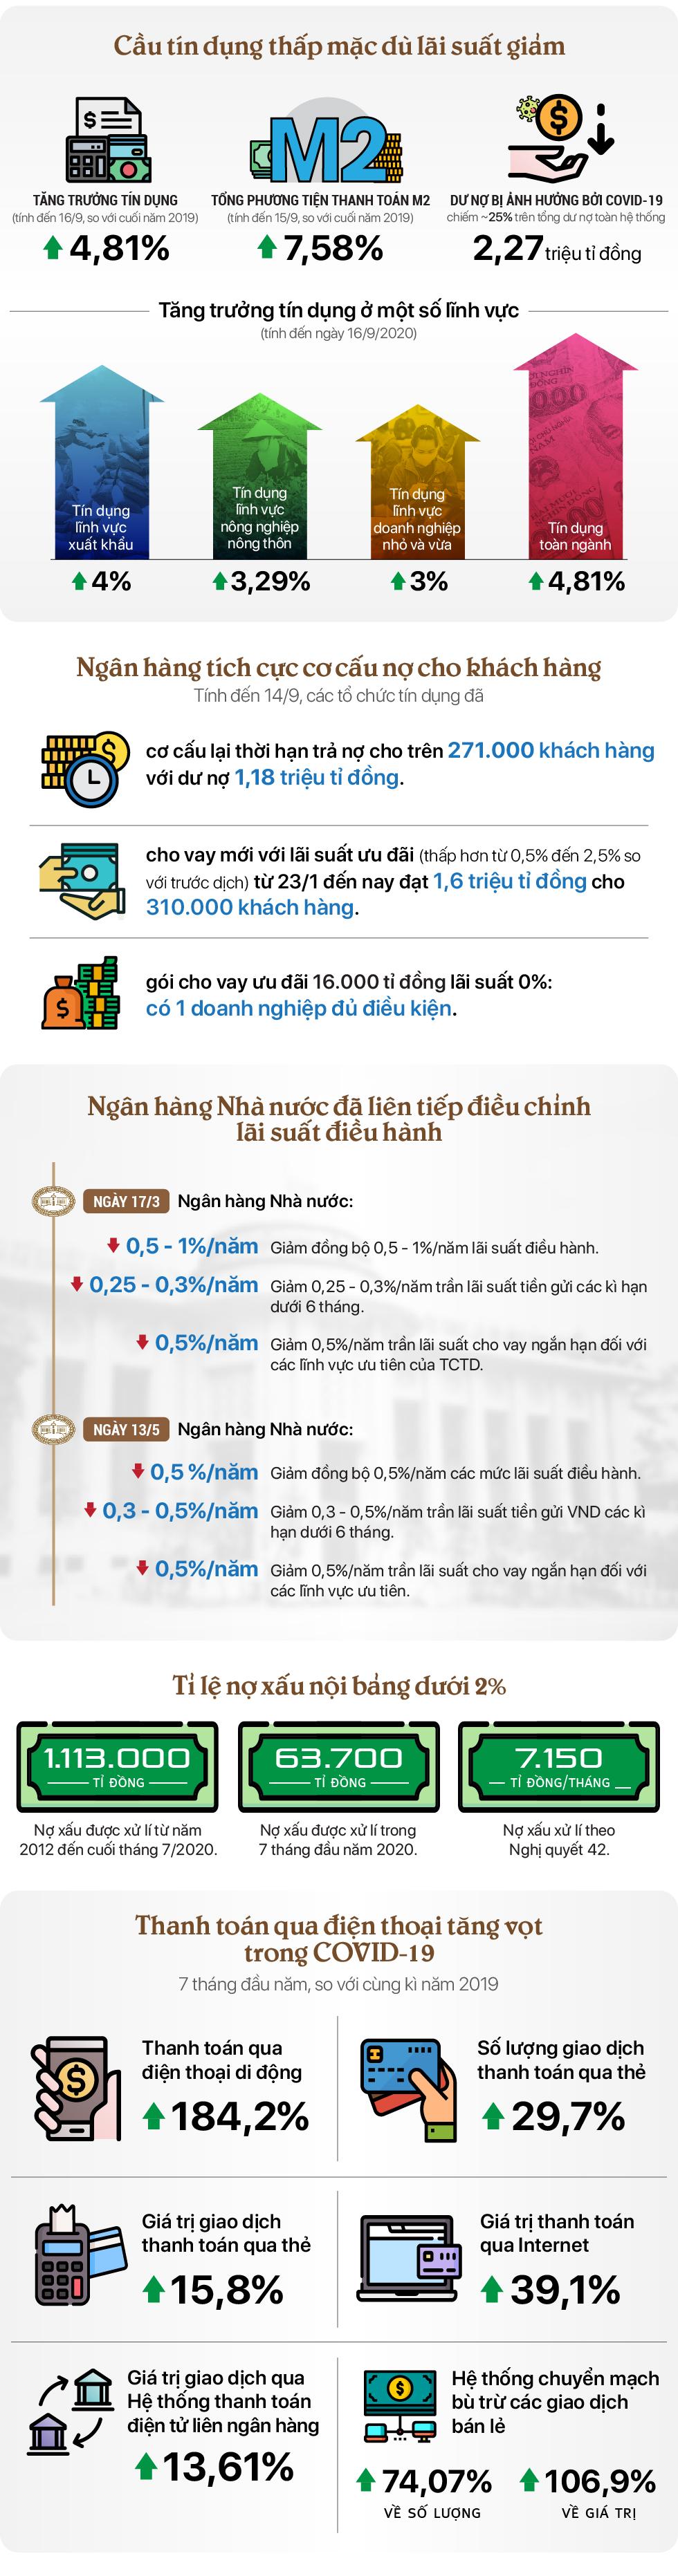 [Inforgraphic] Toàn cảnh hoạt động ngân hàng 9 tháng đầu năm 2020 - Ảnh 1.